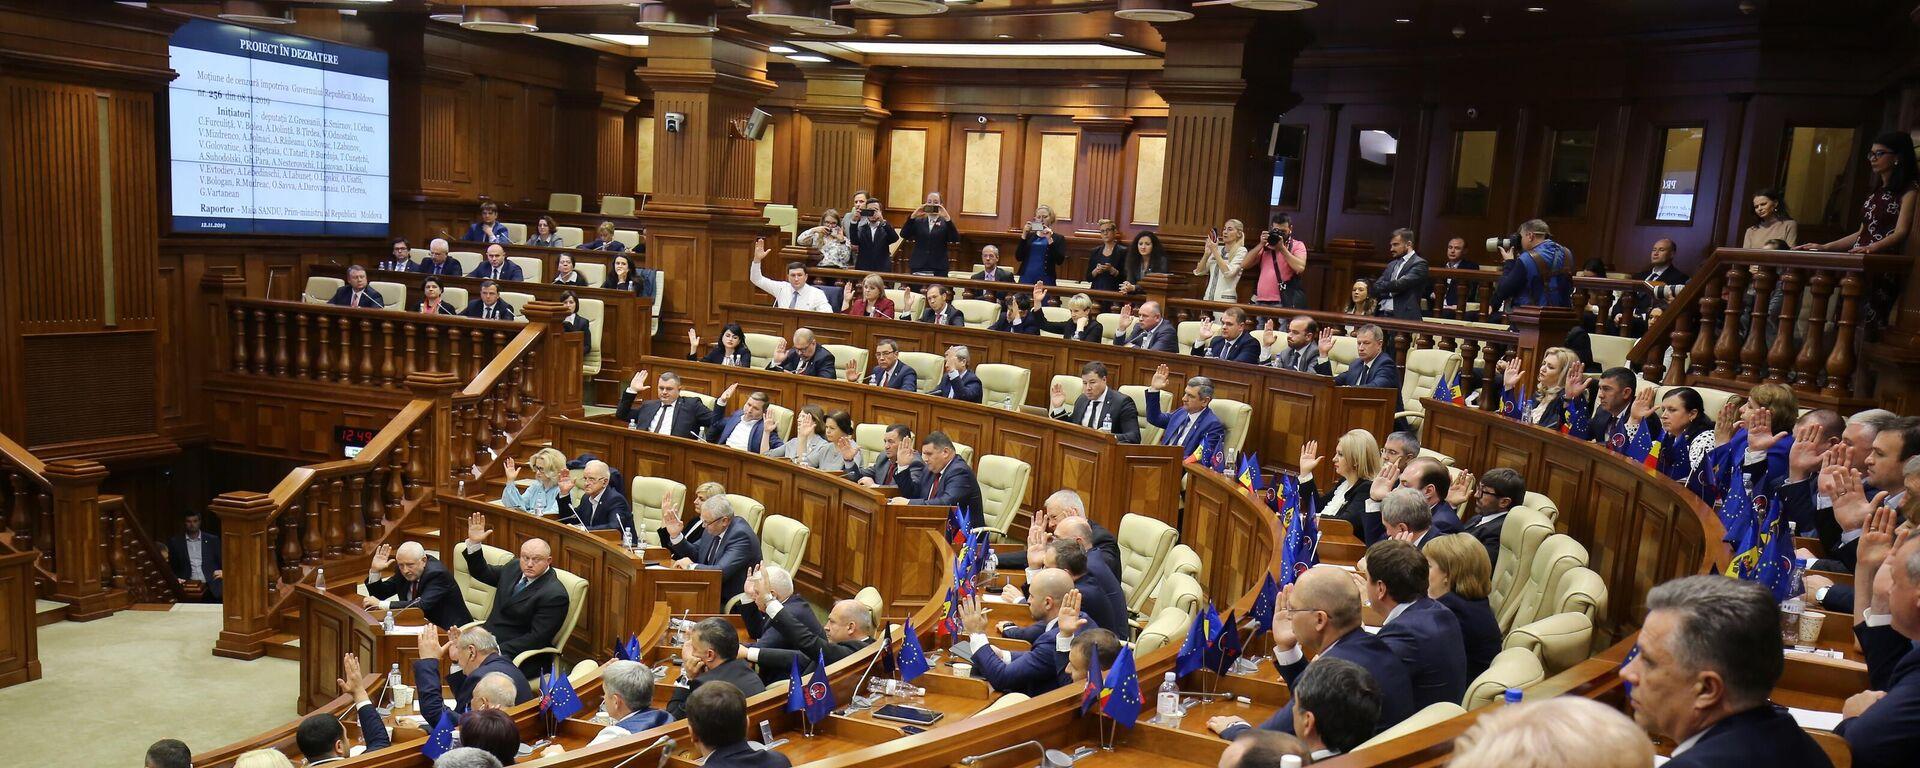 Sitzung des moldauischen Parlaments in Chisinau (Archiv) - SNA, 1920, 16.12.2020